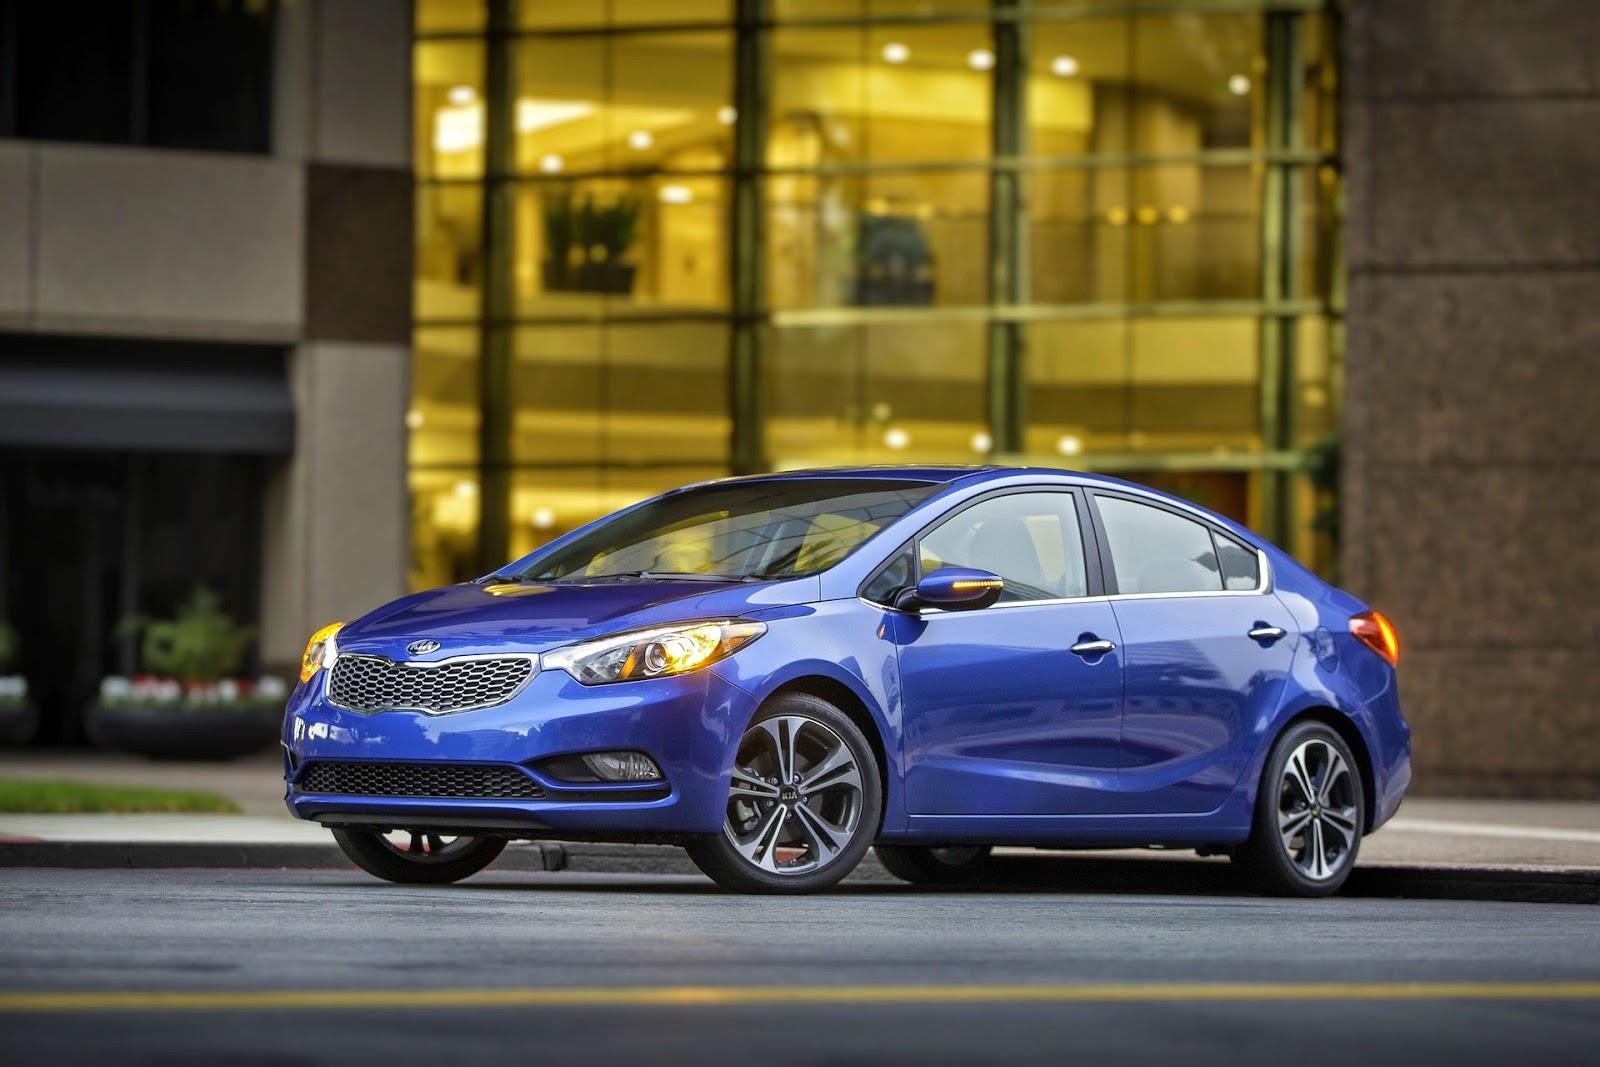 Car Reviews 2015 Kia Forte Designe blue